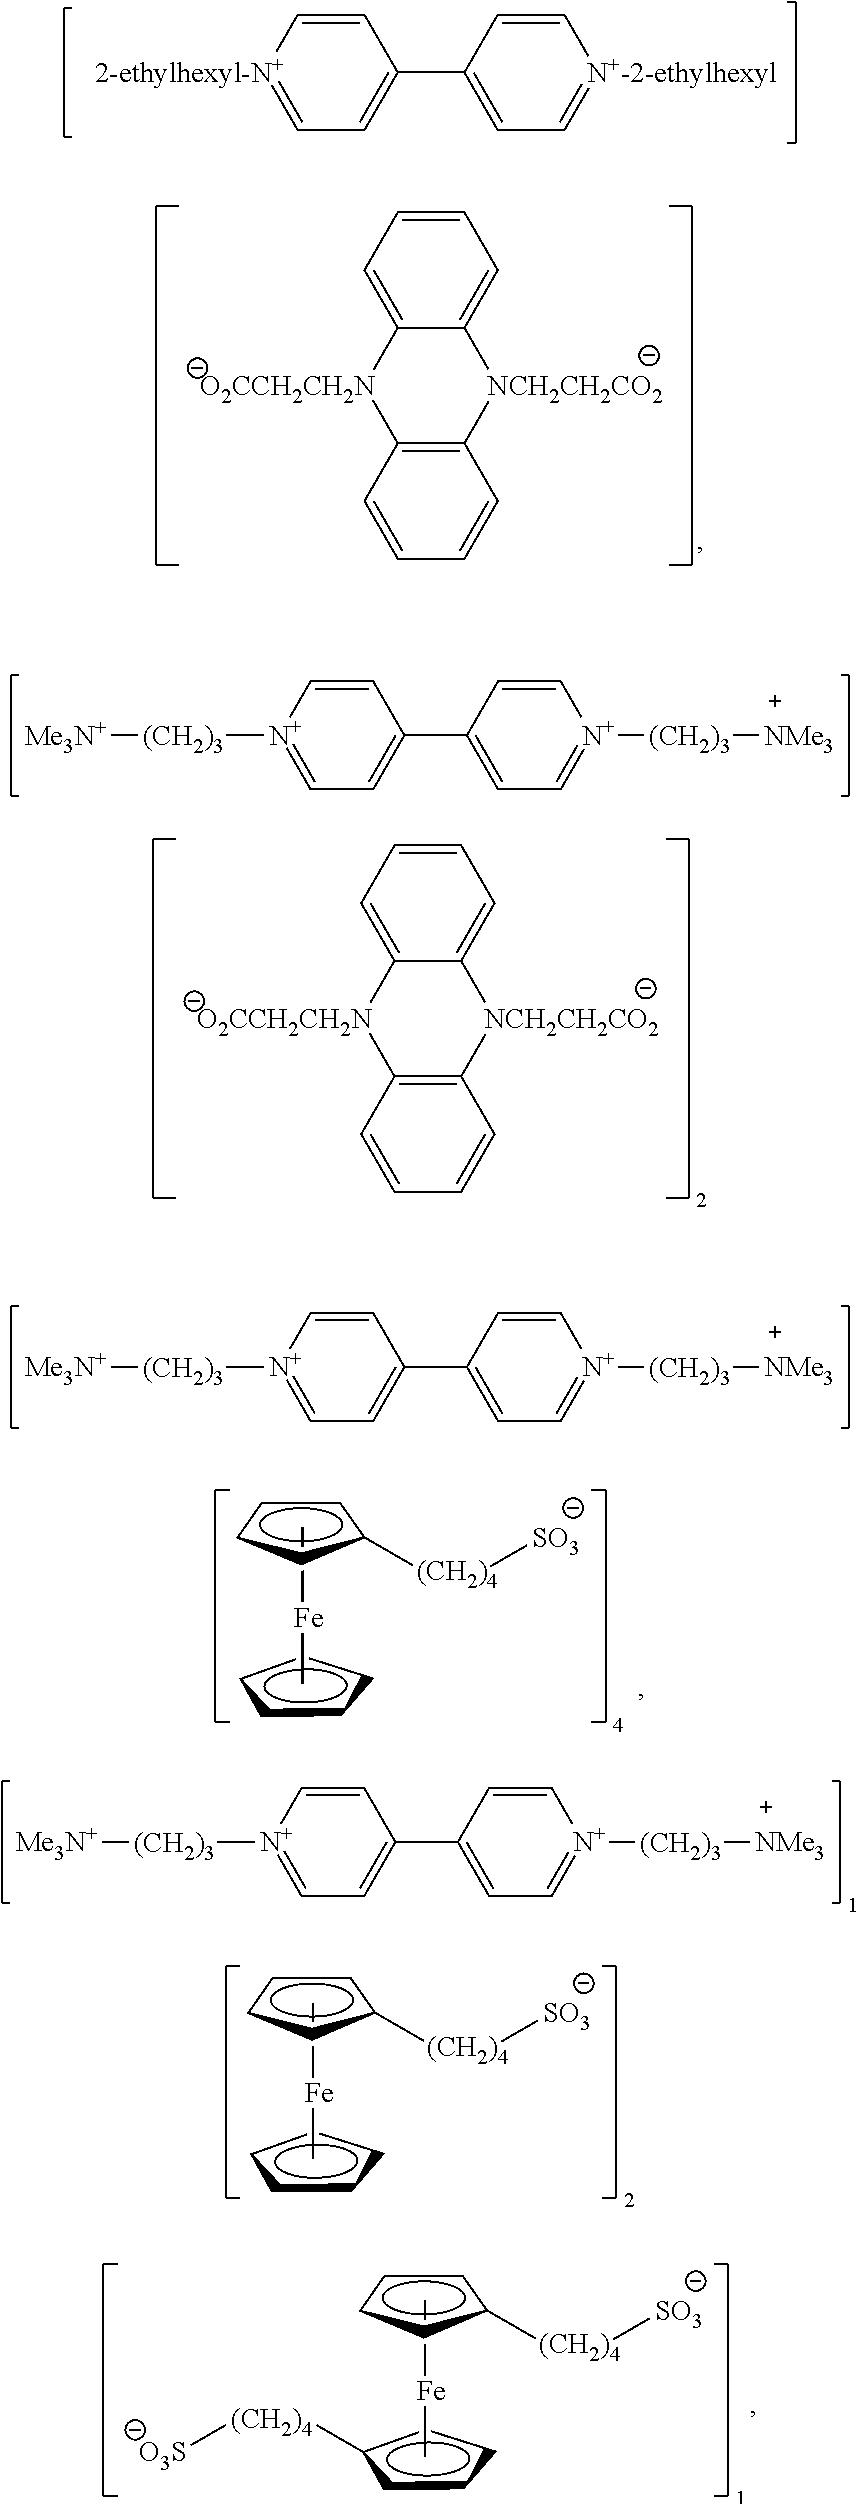 Figure US09939701-20180410-C00018